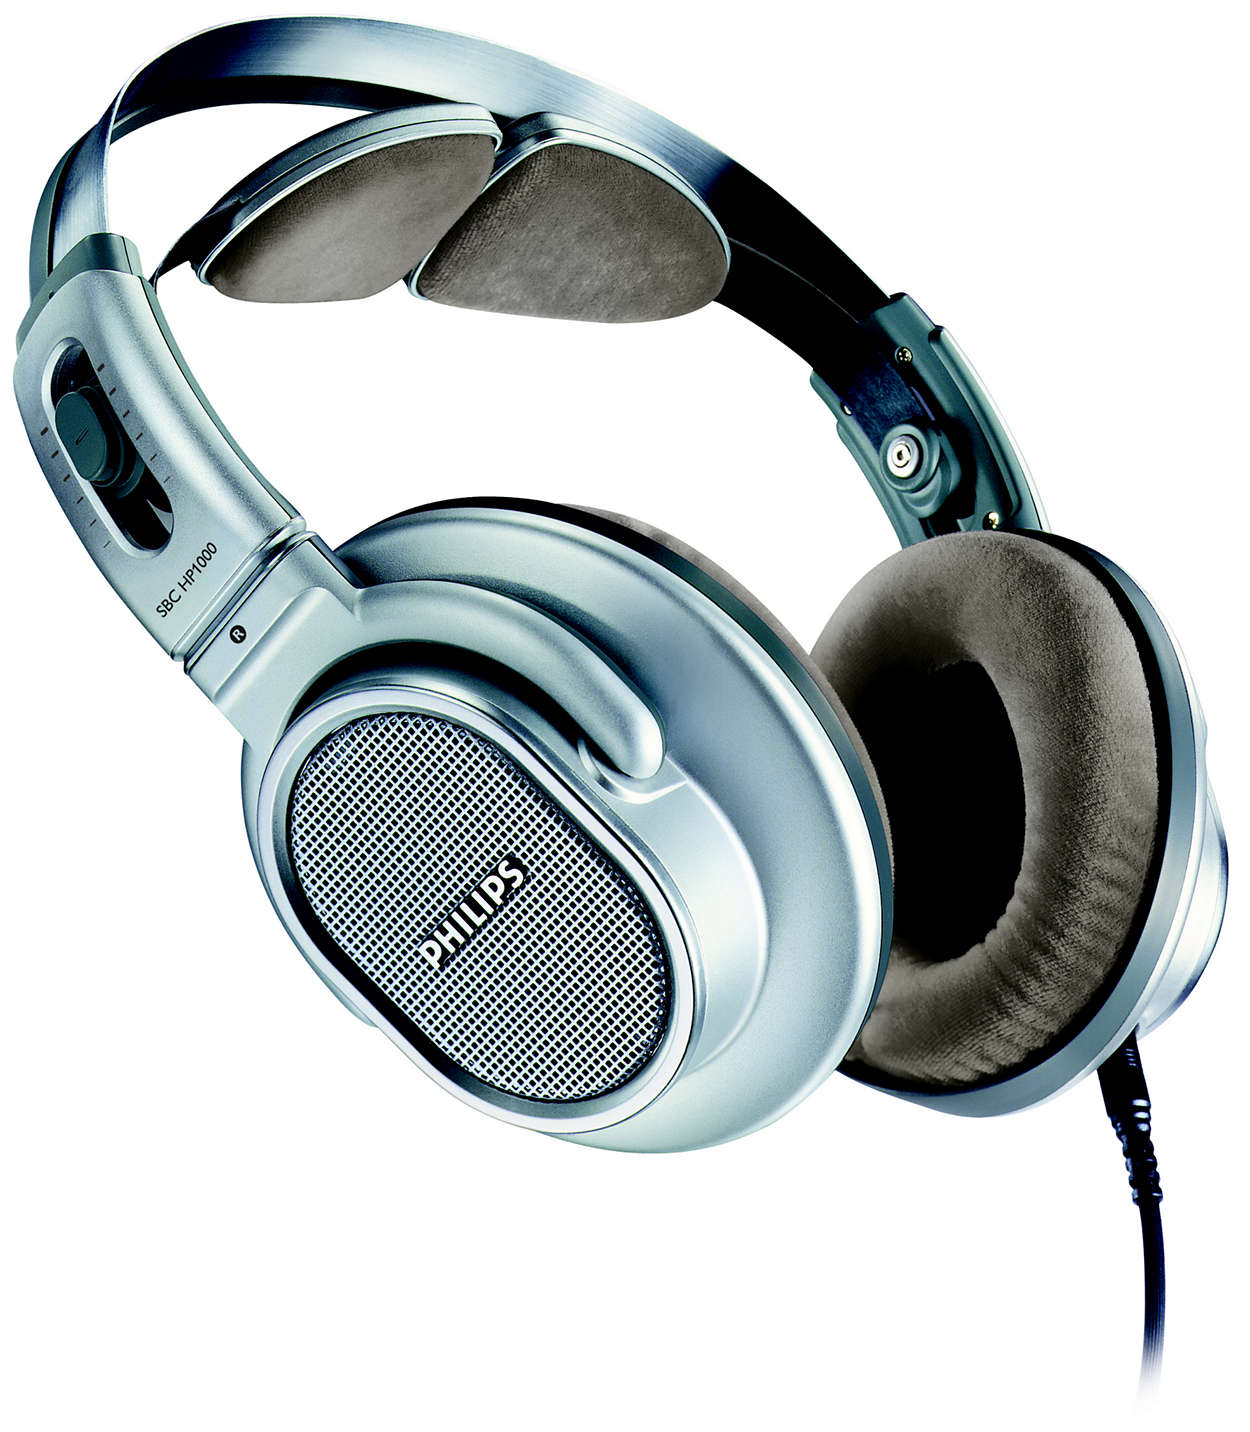 Αυθεντικά ακουστικά HiFi